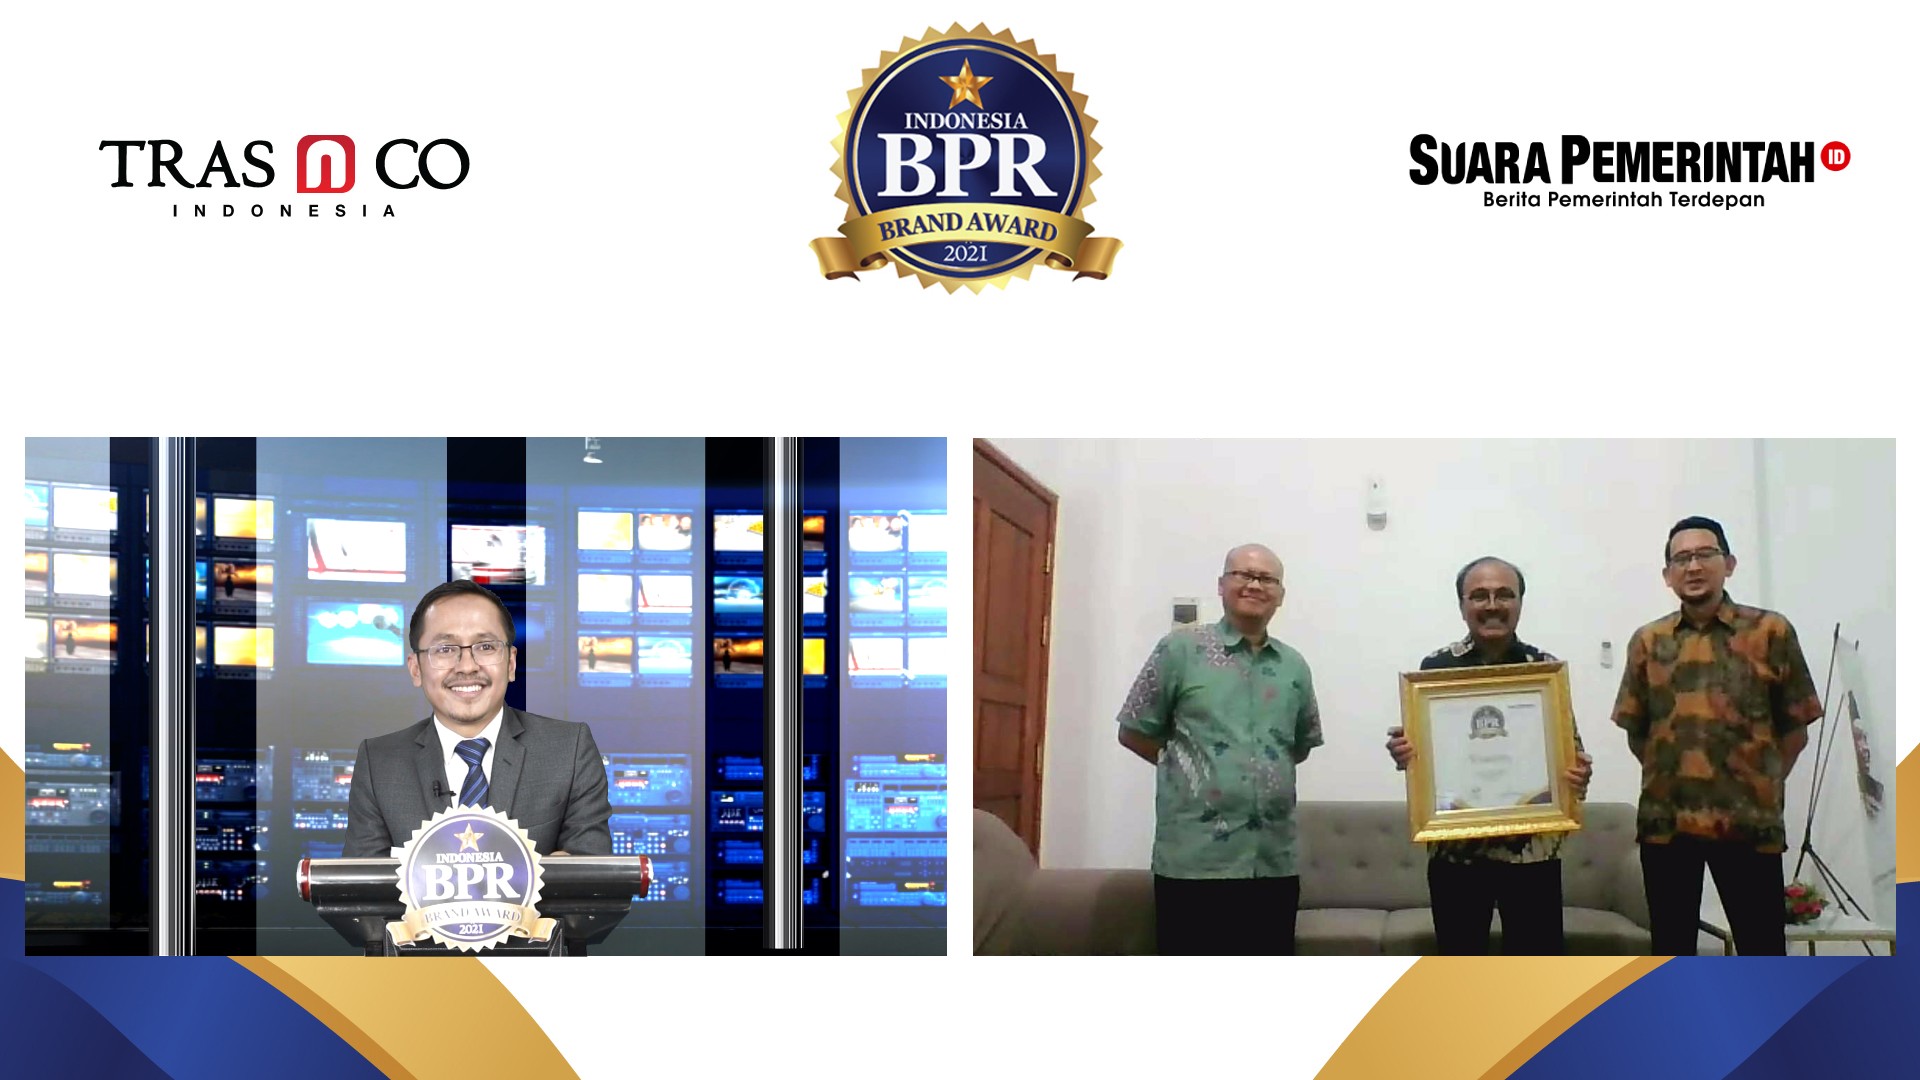 Masuk TOP 250 BPR di Indonesia, BPR Nusumma Jatim Raih Indonesia BPR Brand Award 2021 - Suara Pemerintah